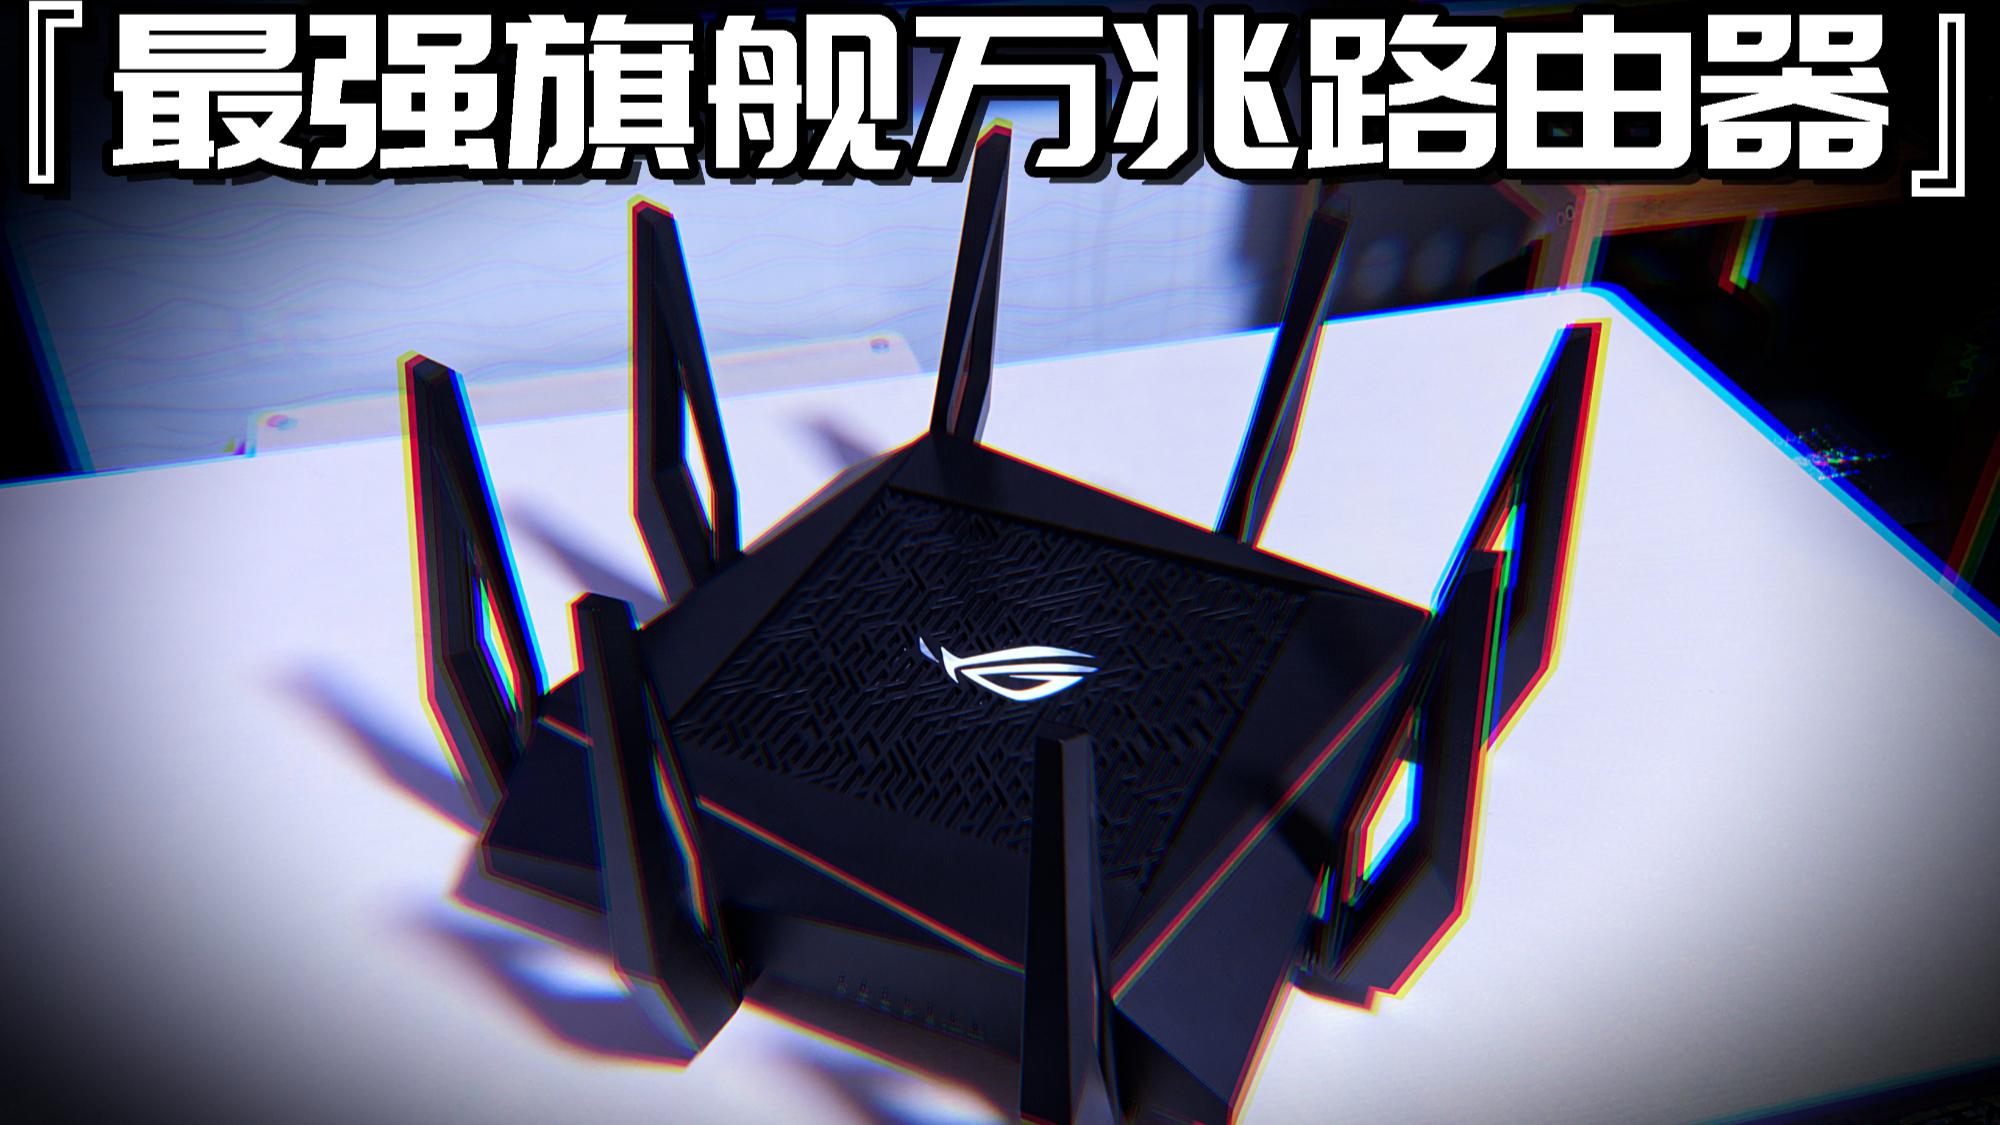 开箱售价5000元的路由器!ROG旗舰万兆WIFI6玩家国度GT-AX11000开箱/体验